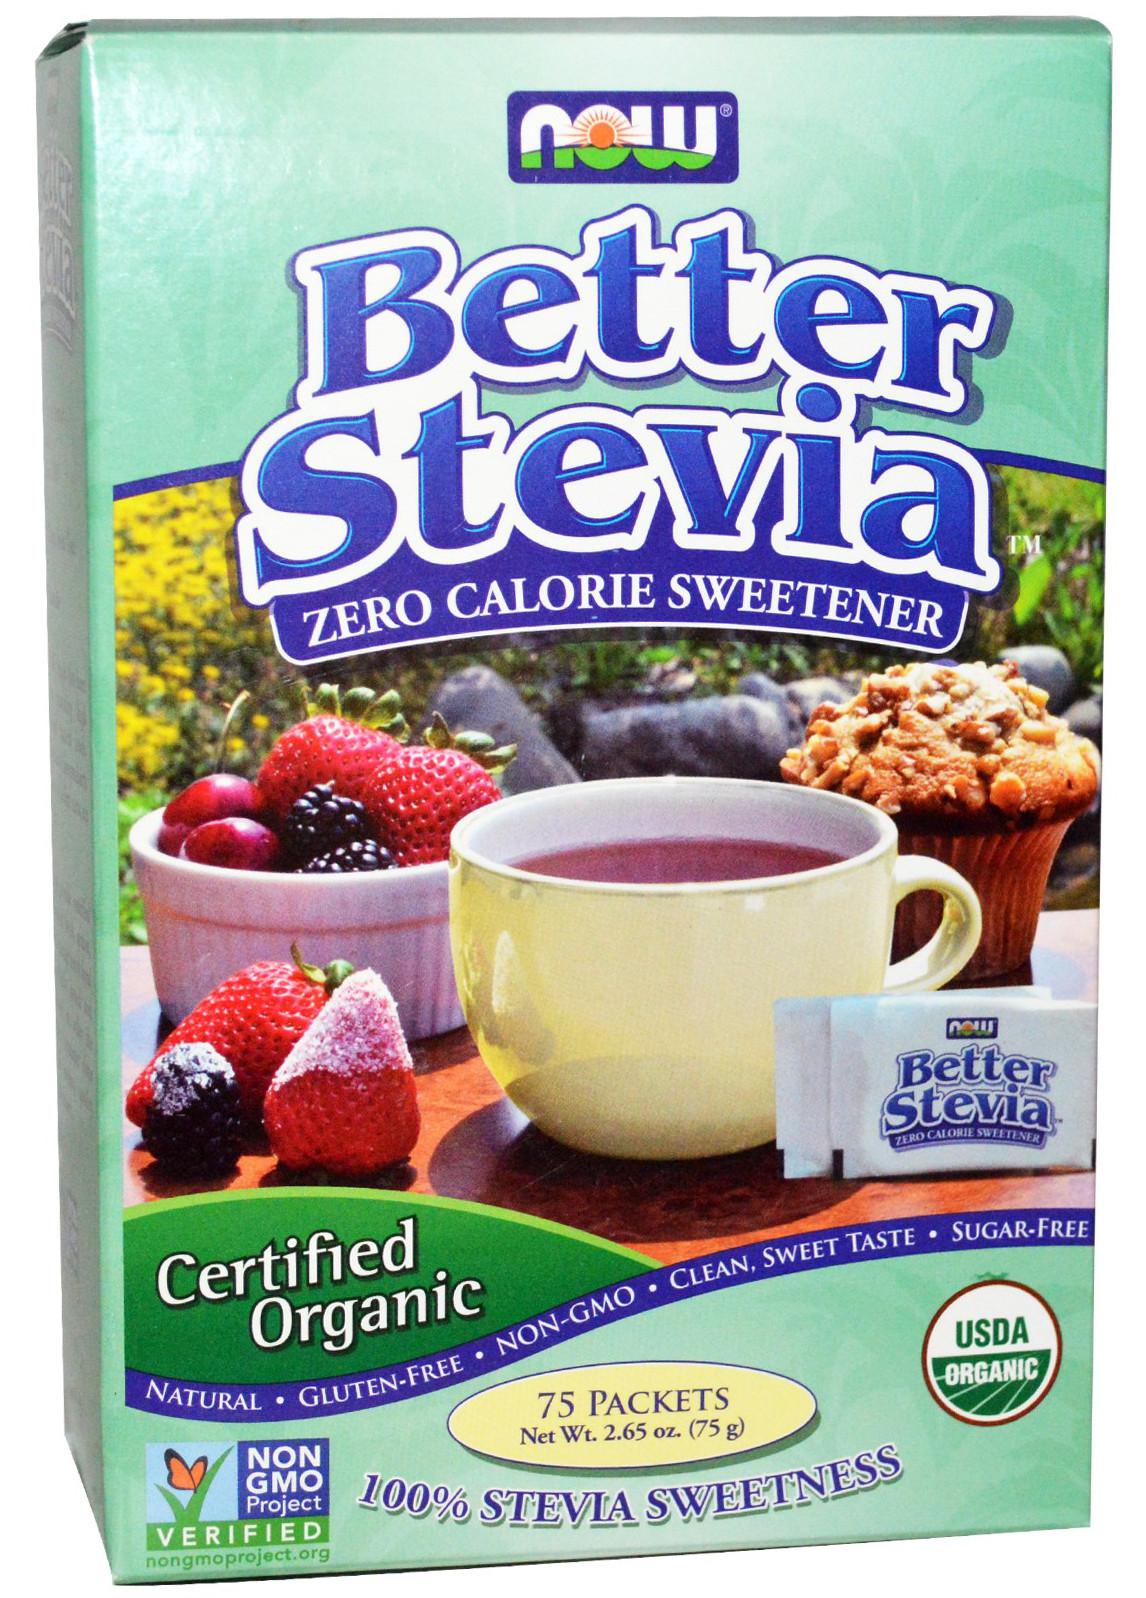 Better Stevia, Organic - 75 packets versandkostenfrei/portofrei bestellen/kaufen